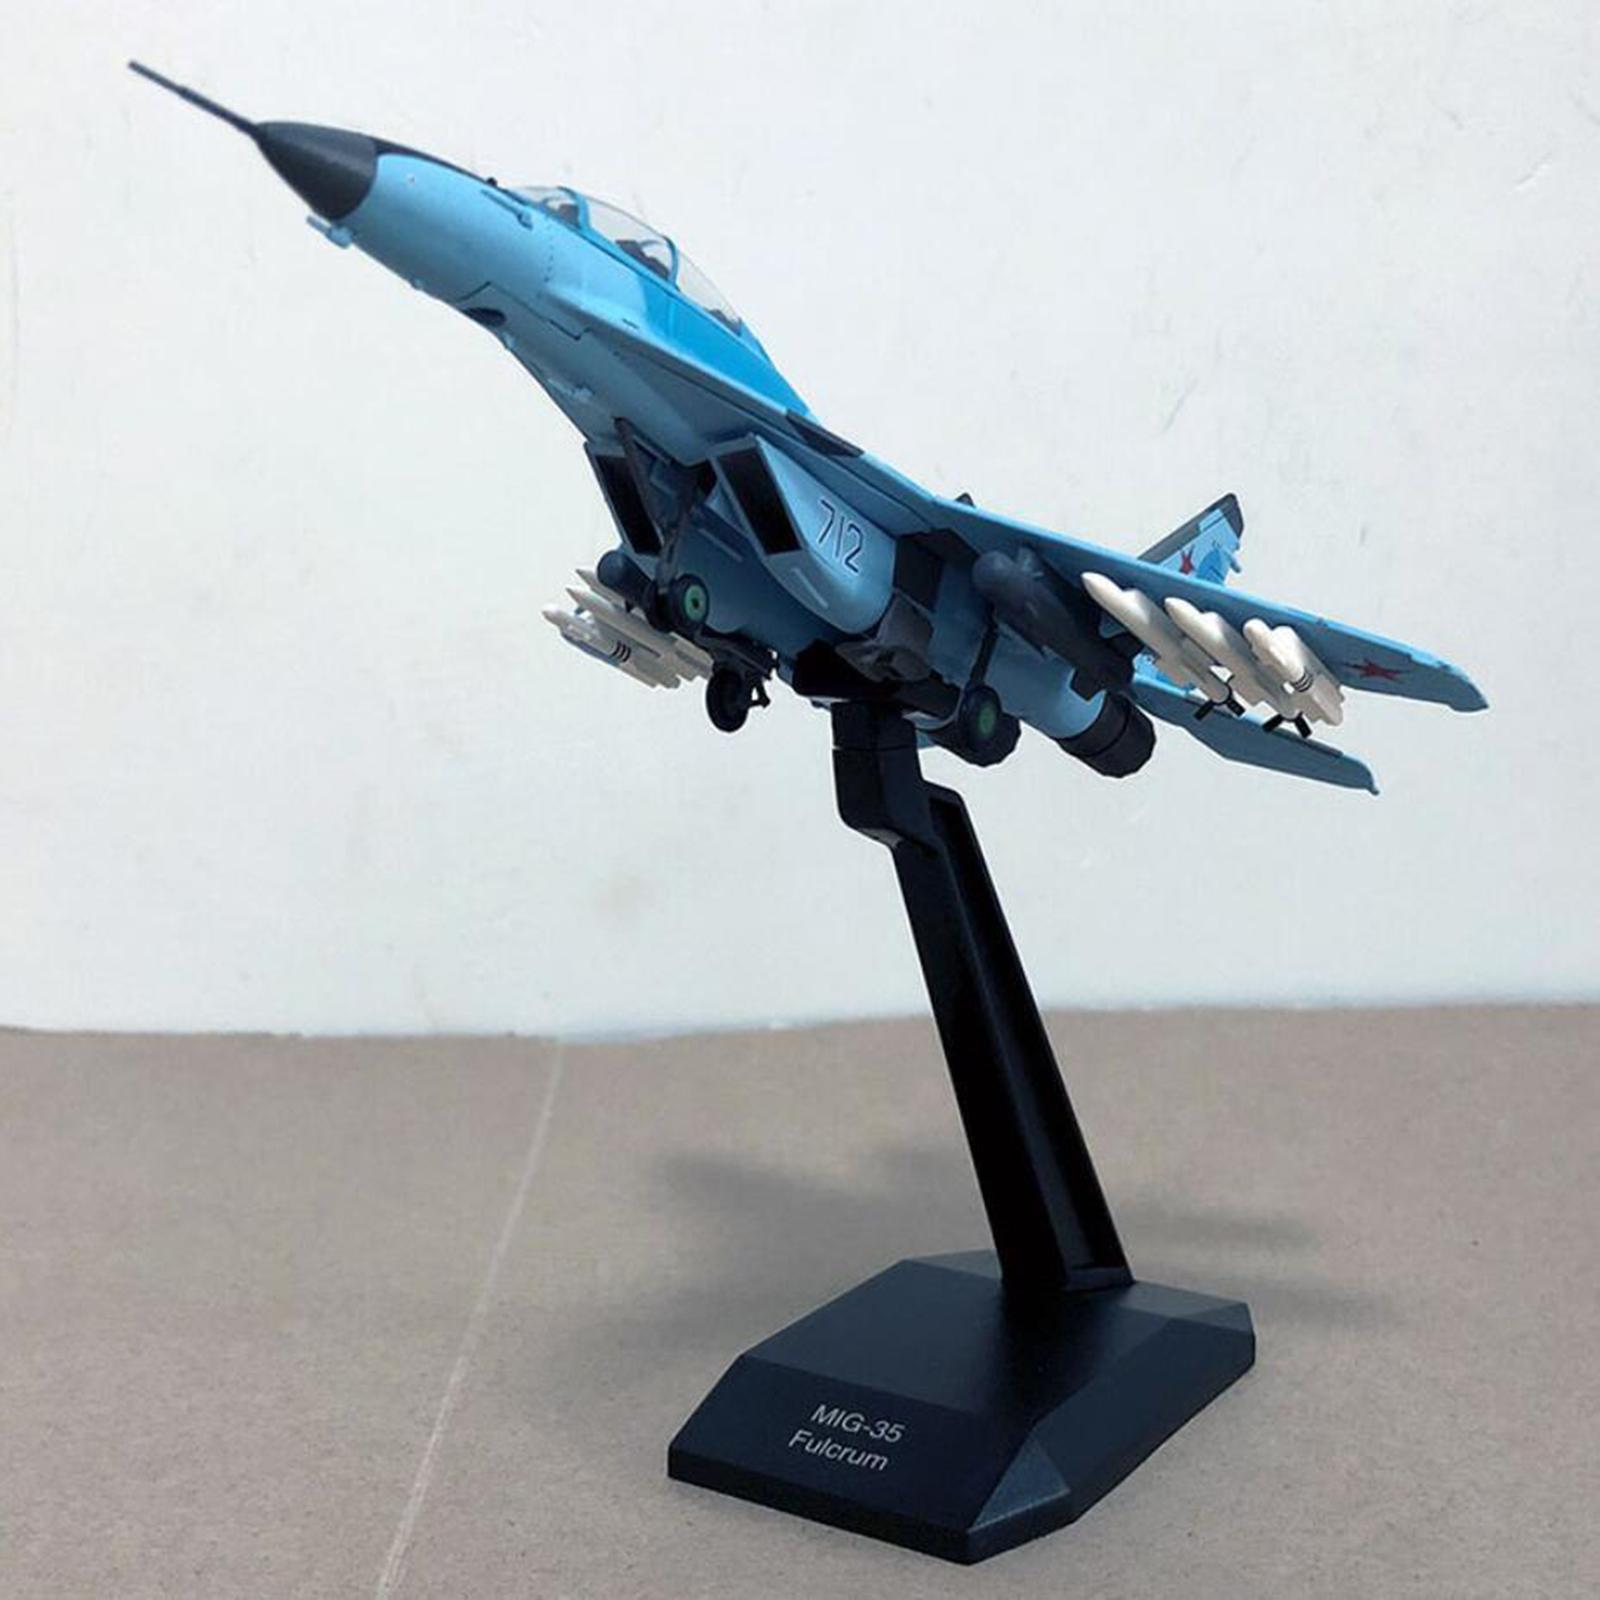 miniatura 18 - 1pc 1/100 MIG-35 Aircraft Metallo Modello di Aereo di Plastica Collezionismo